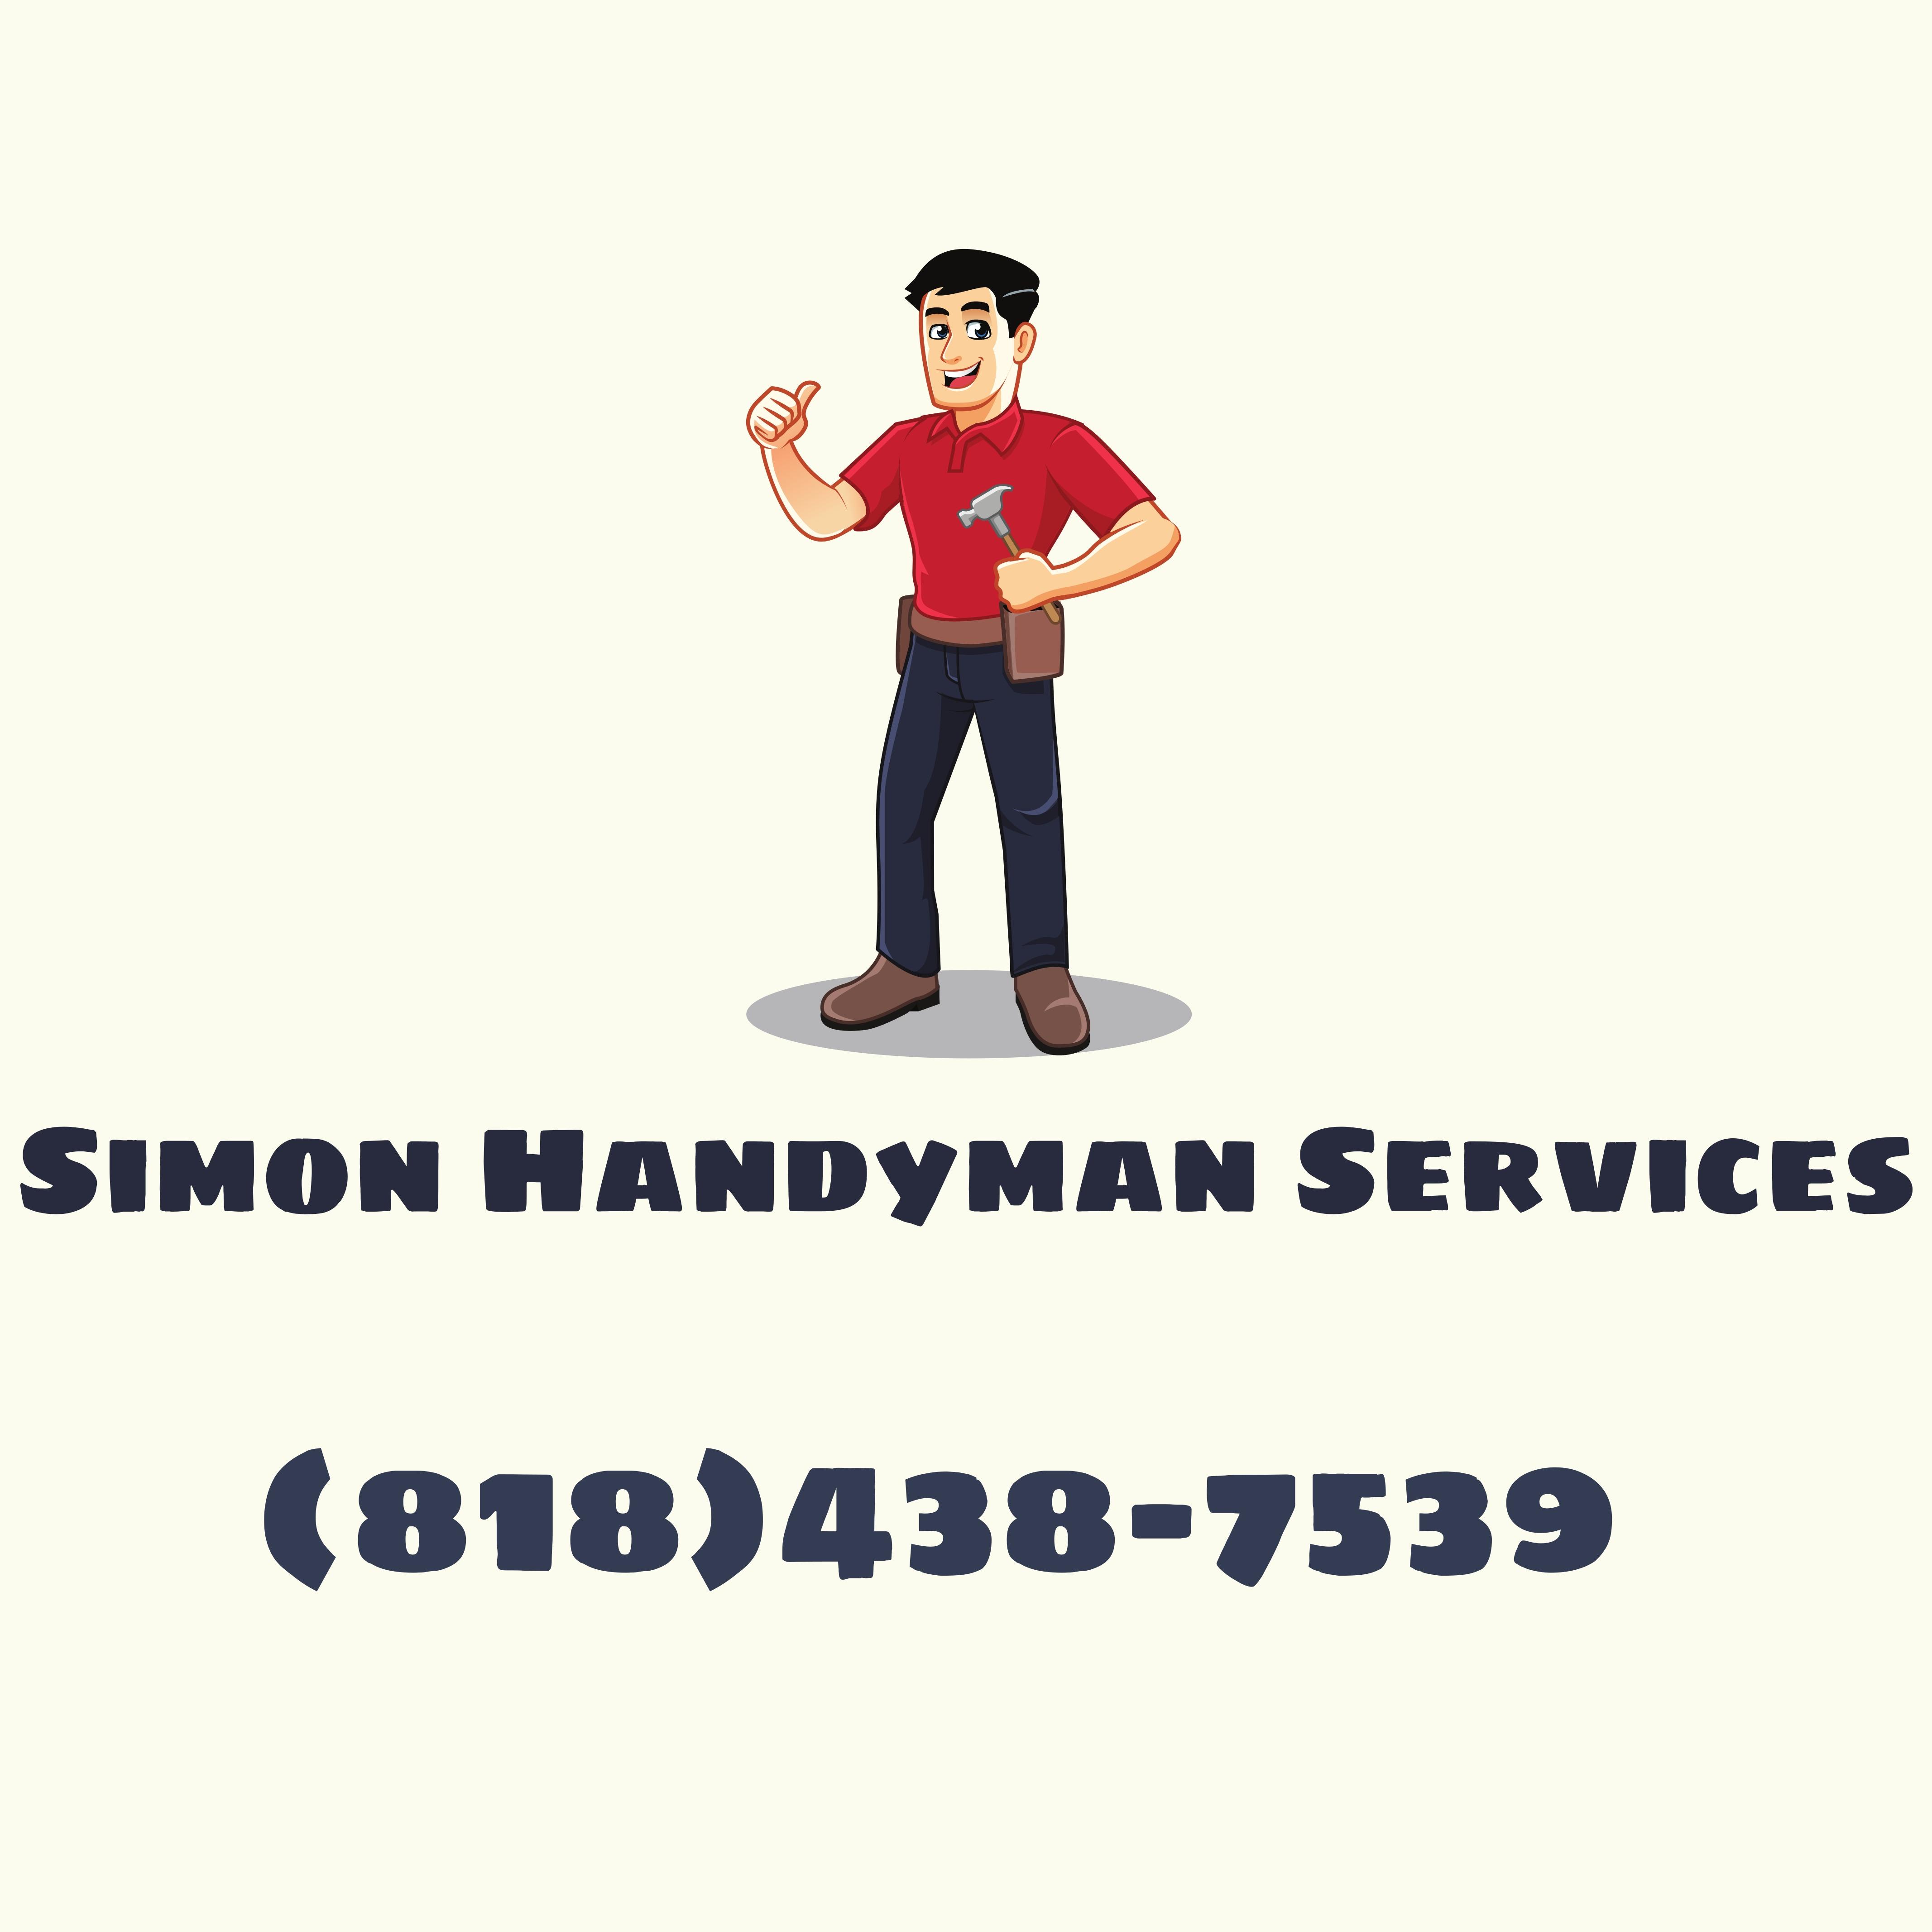 Simon Handyman Services